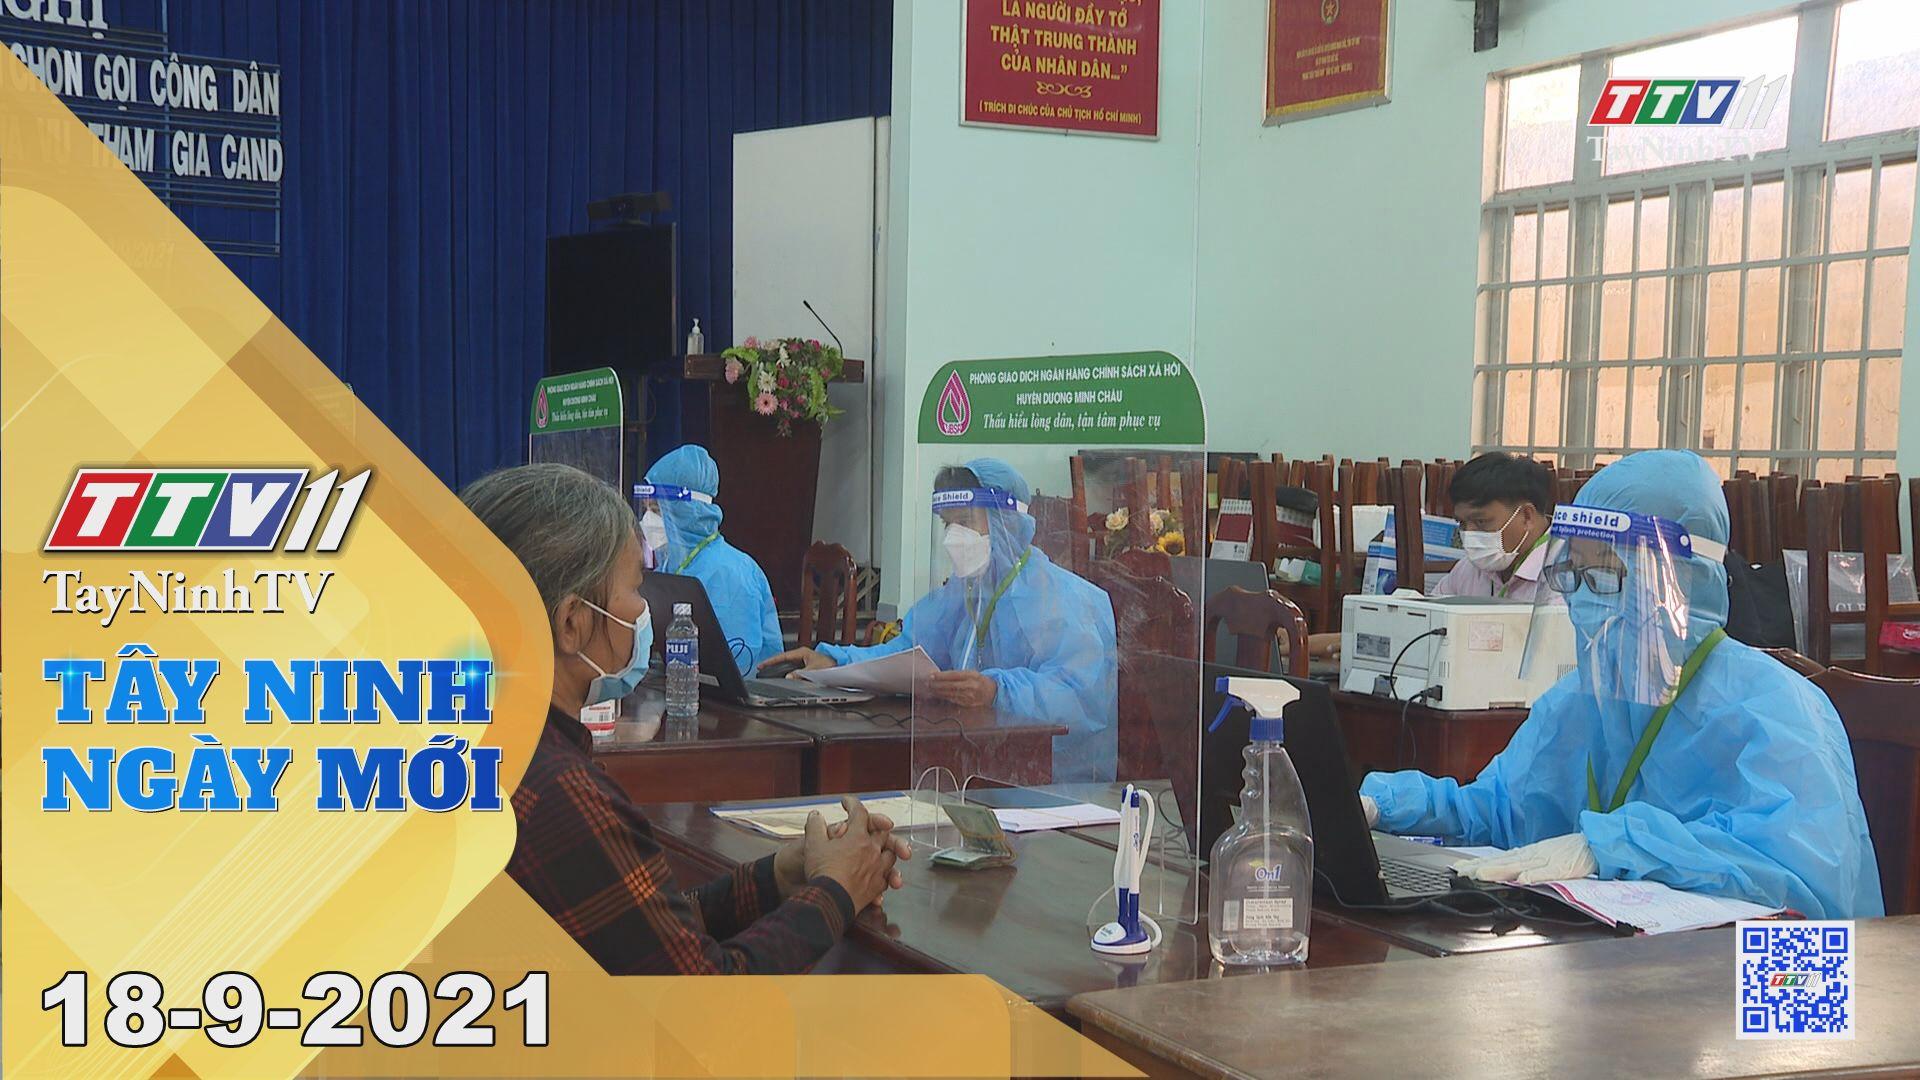 Tây Ninh Ngày Mới 18-9-2021 | Tin tức hôm nay | TayNinhTV